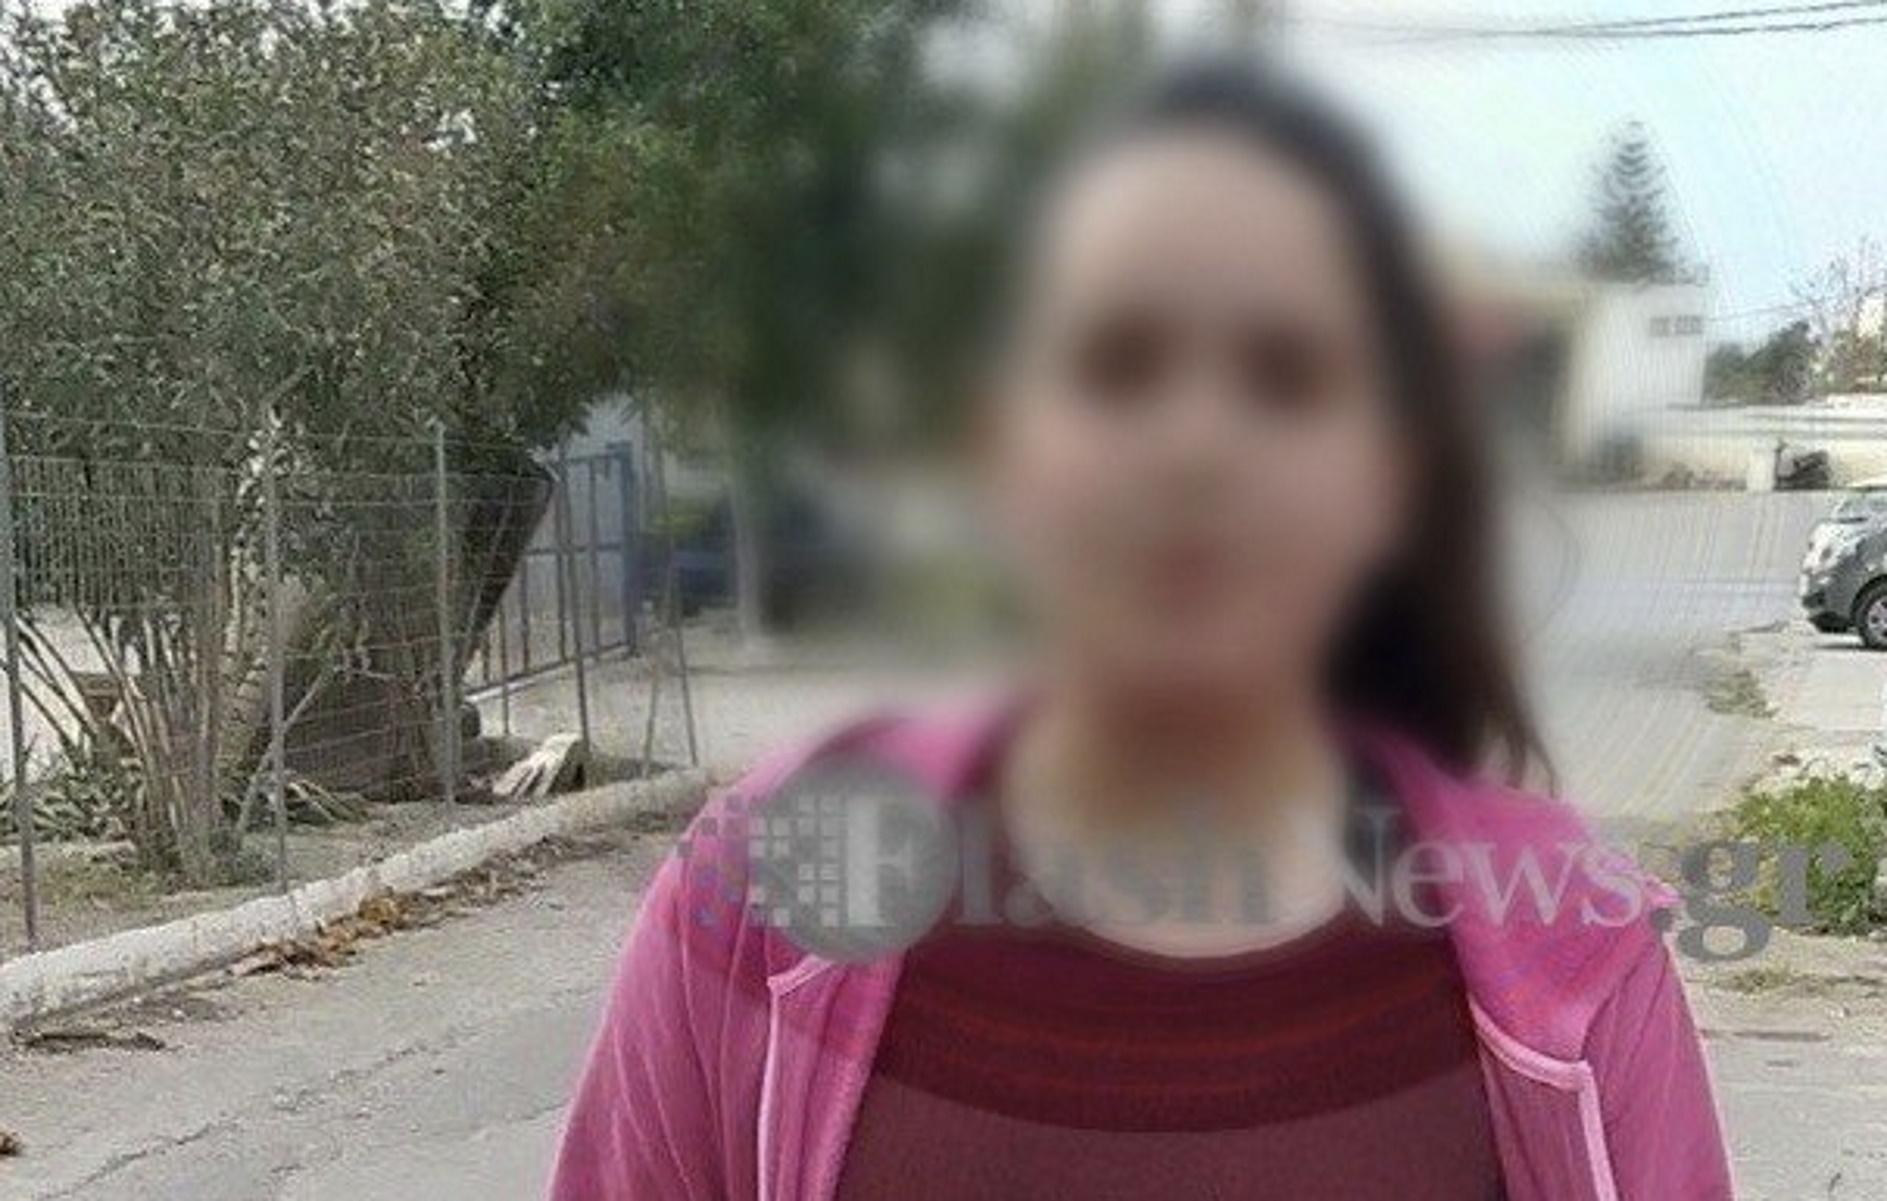 Τραγωδία στα Χανιά: Βρέθηκε νεκρό το κοριτσάκι που αγνοείτο (pics)